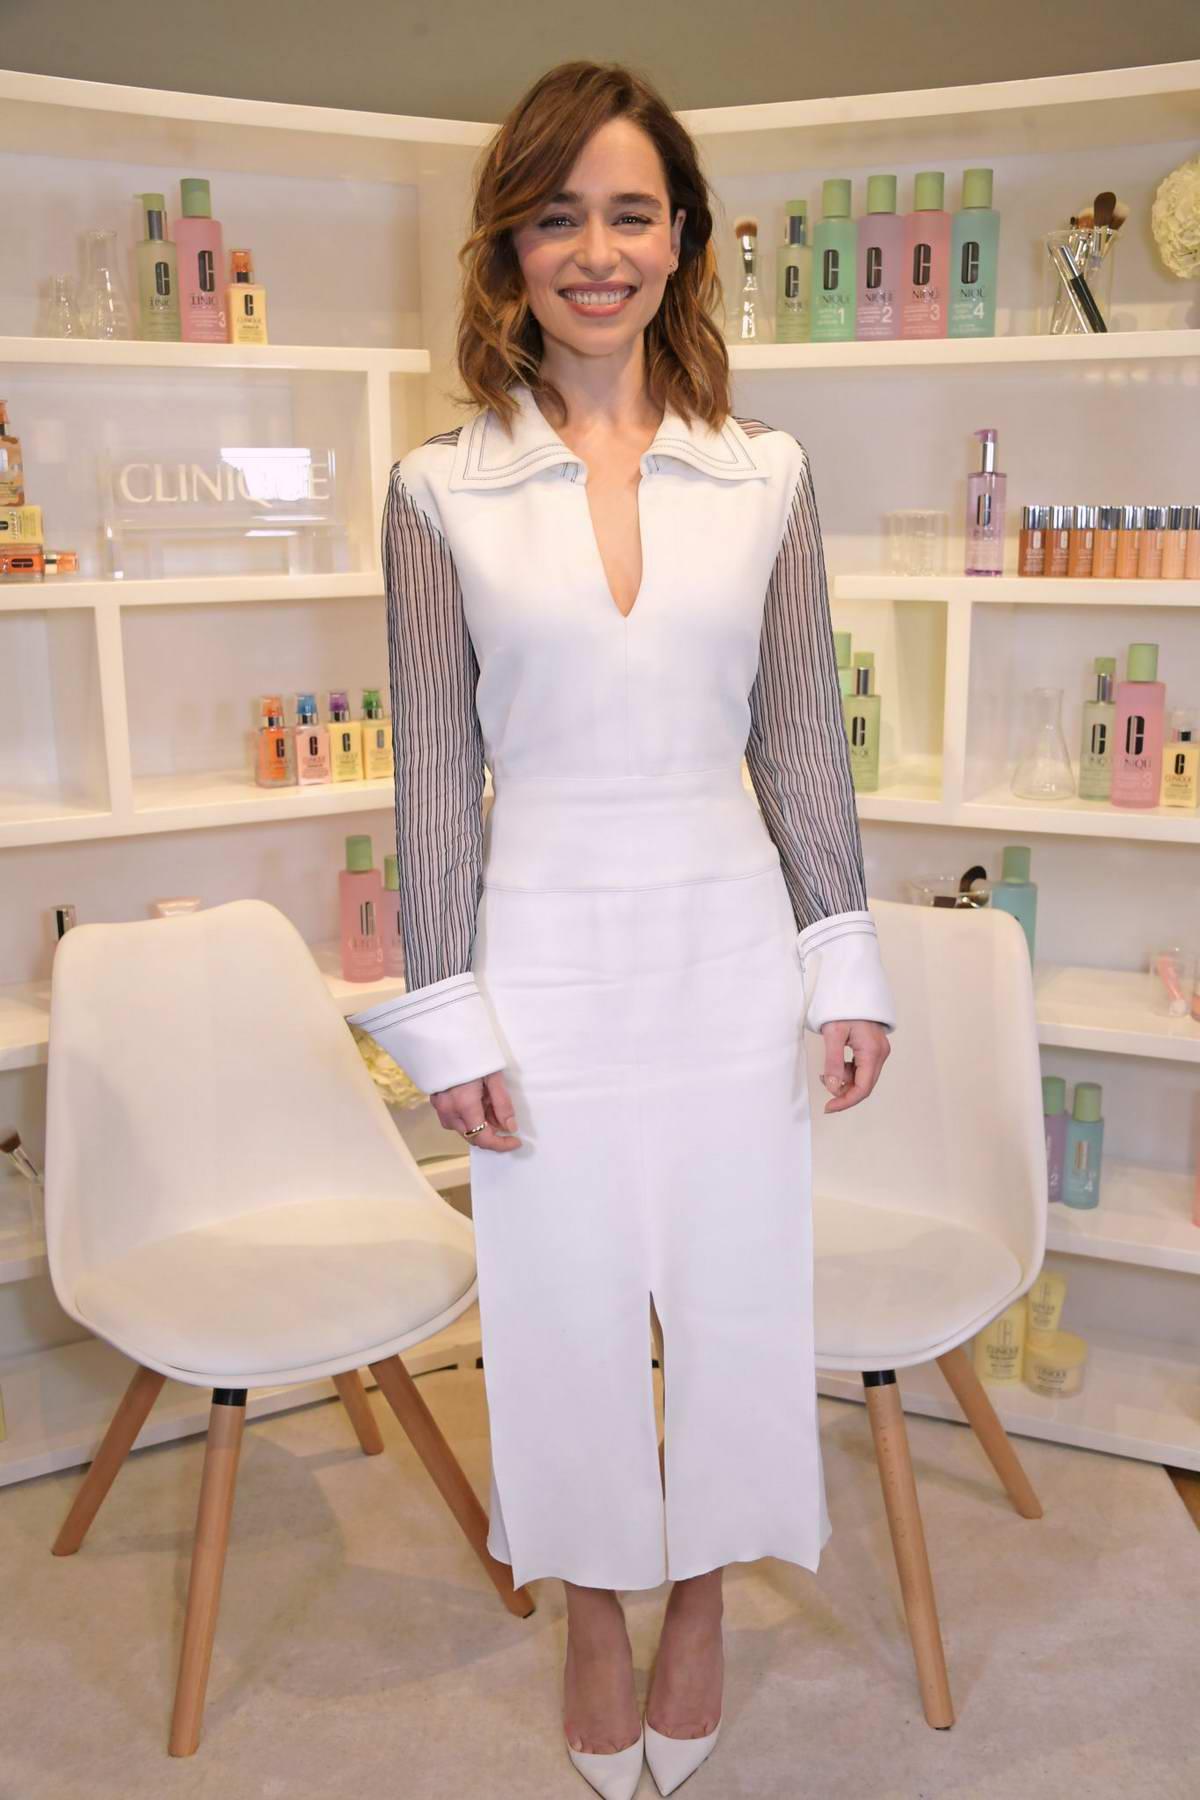 Emilia Clarke attends a Clinique iD event in London, UK